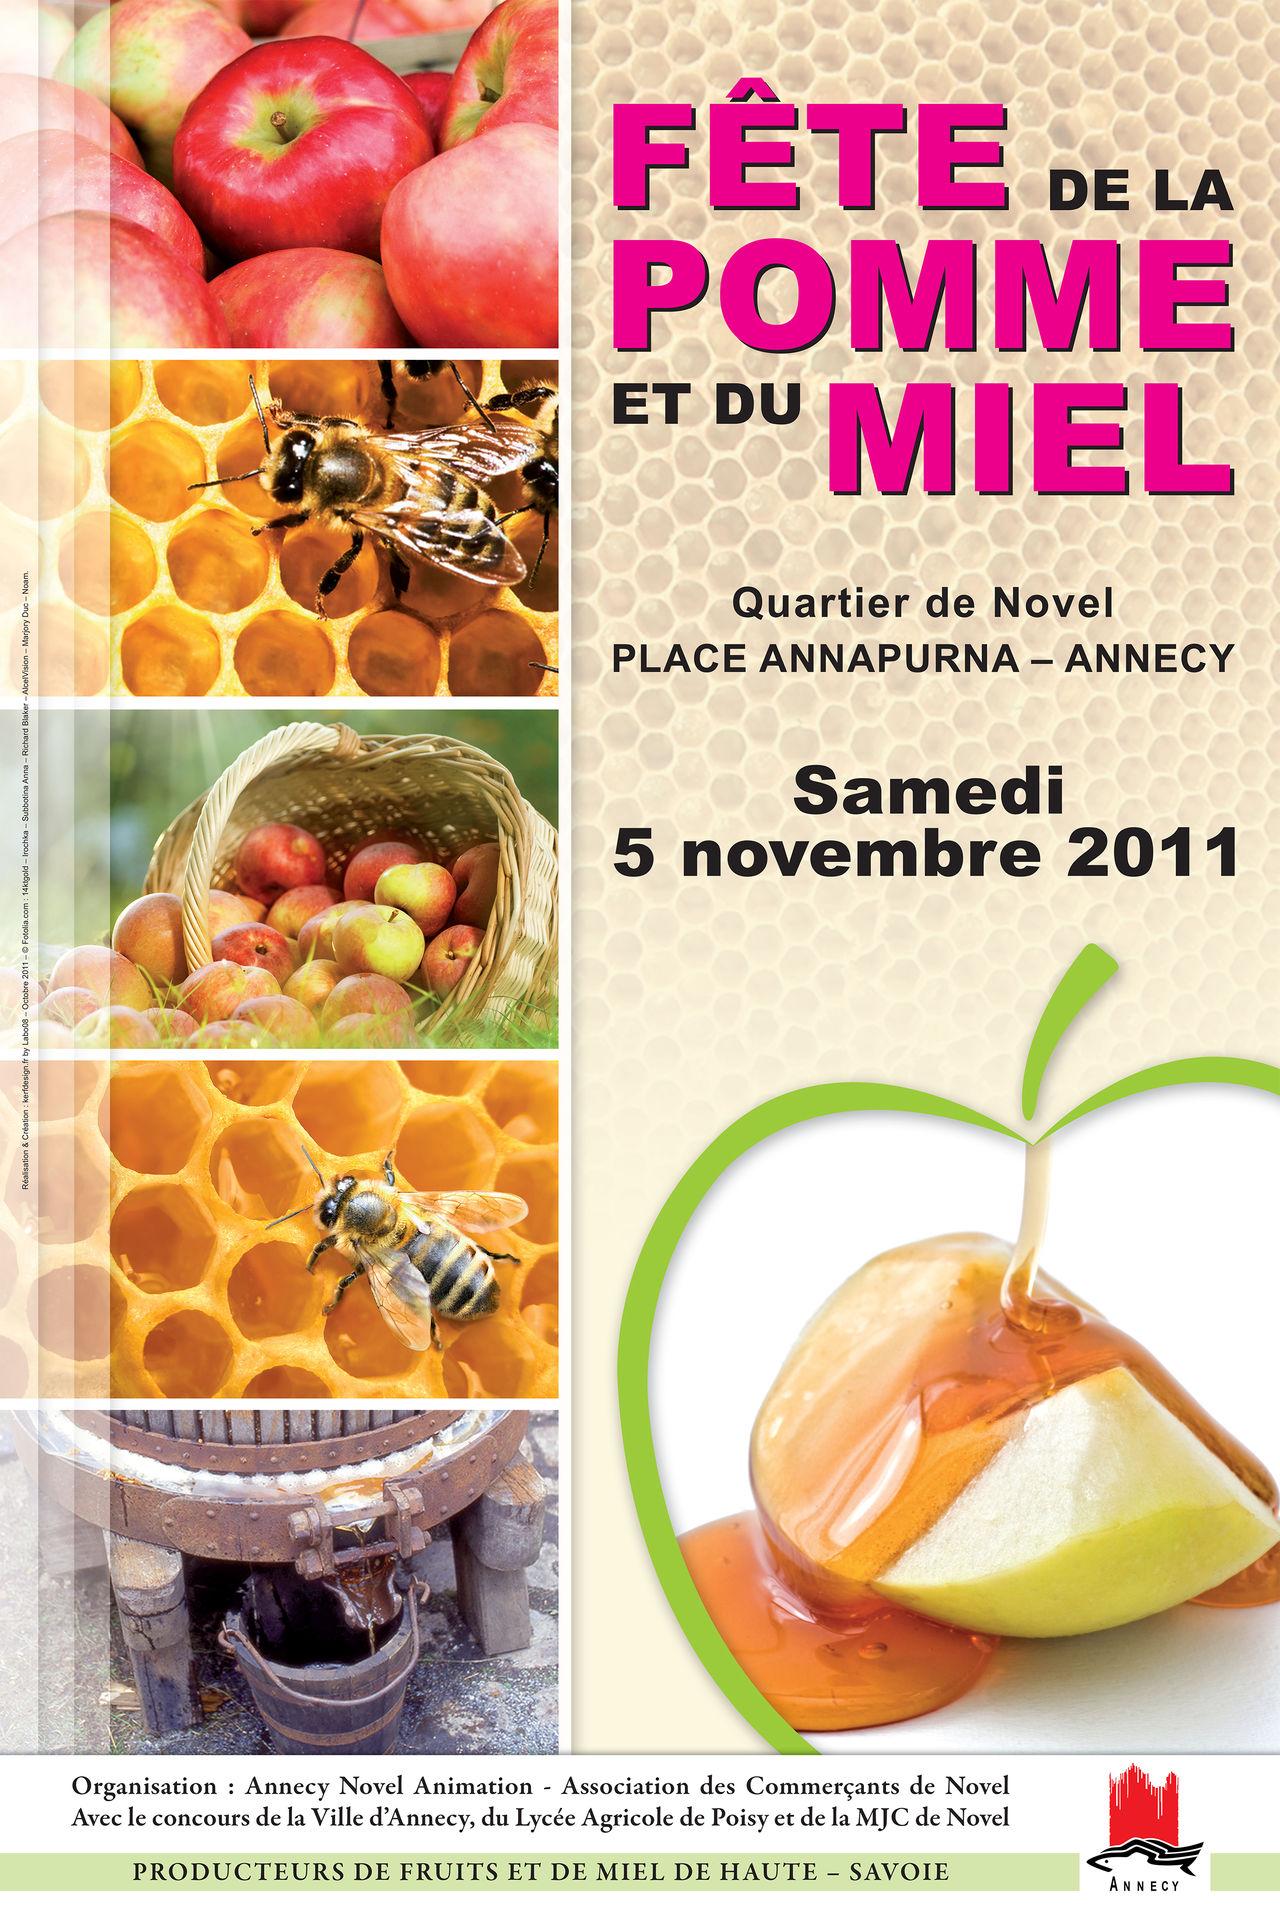 Affiche 2011 Fête de la pomme et du miel